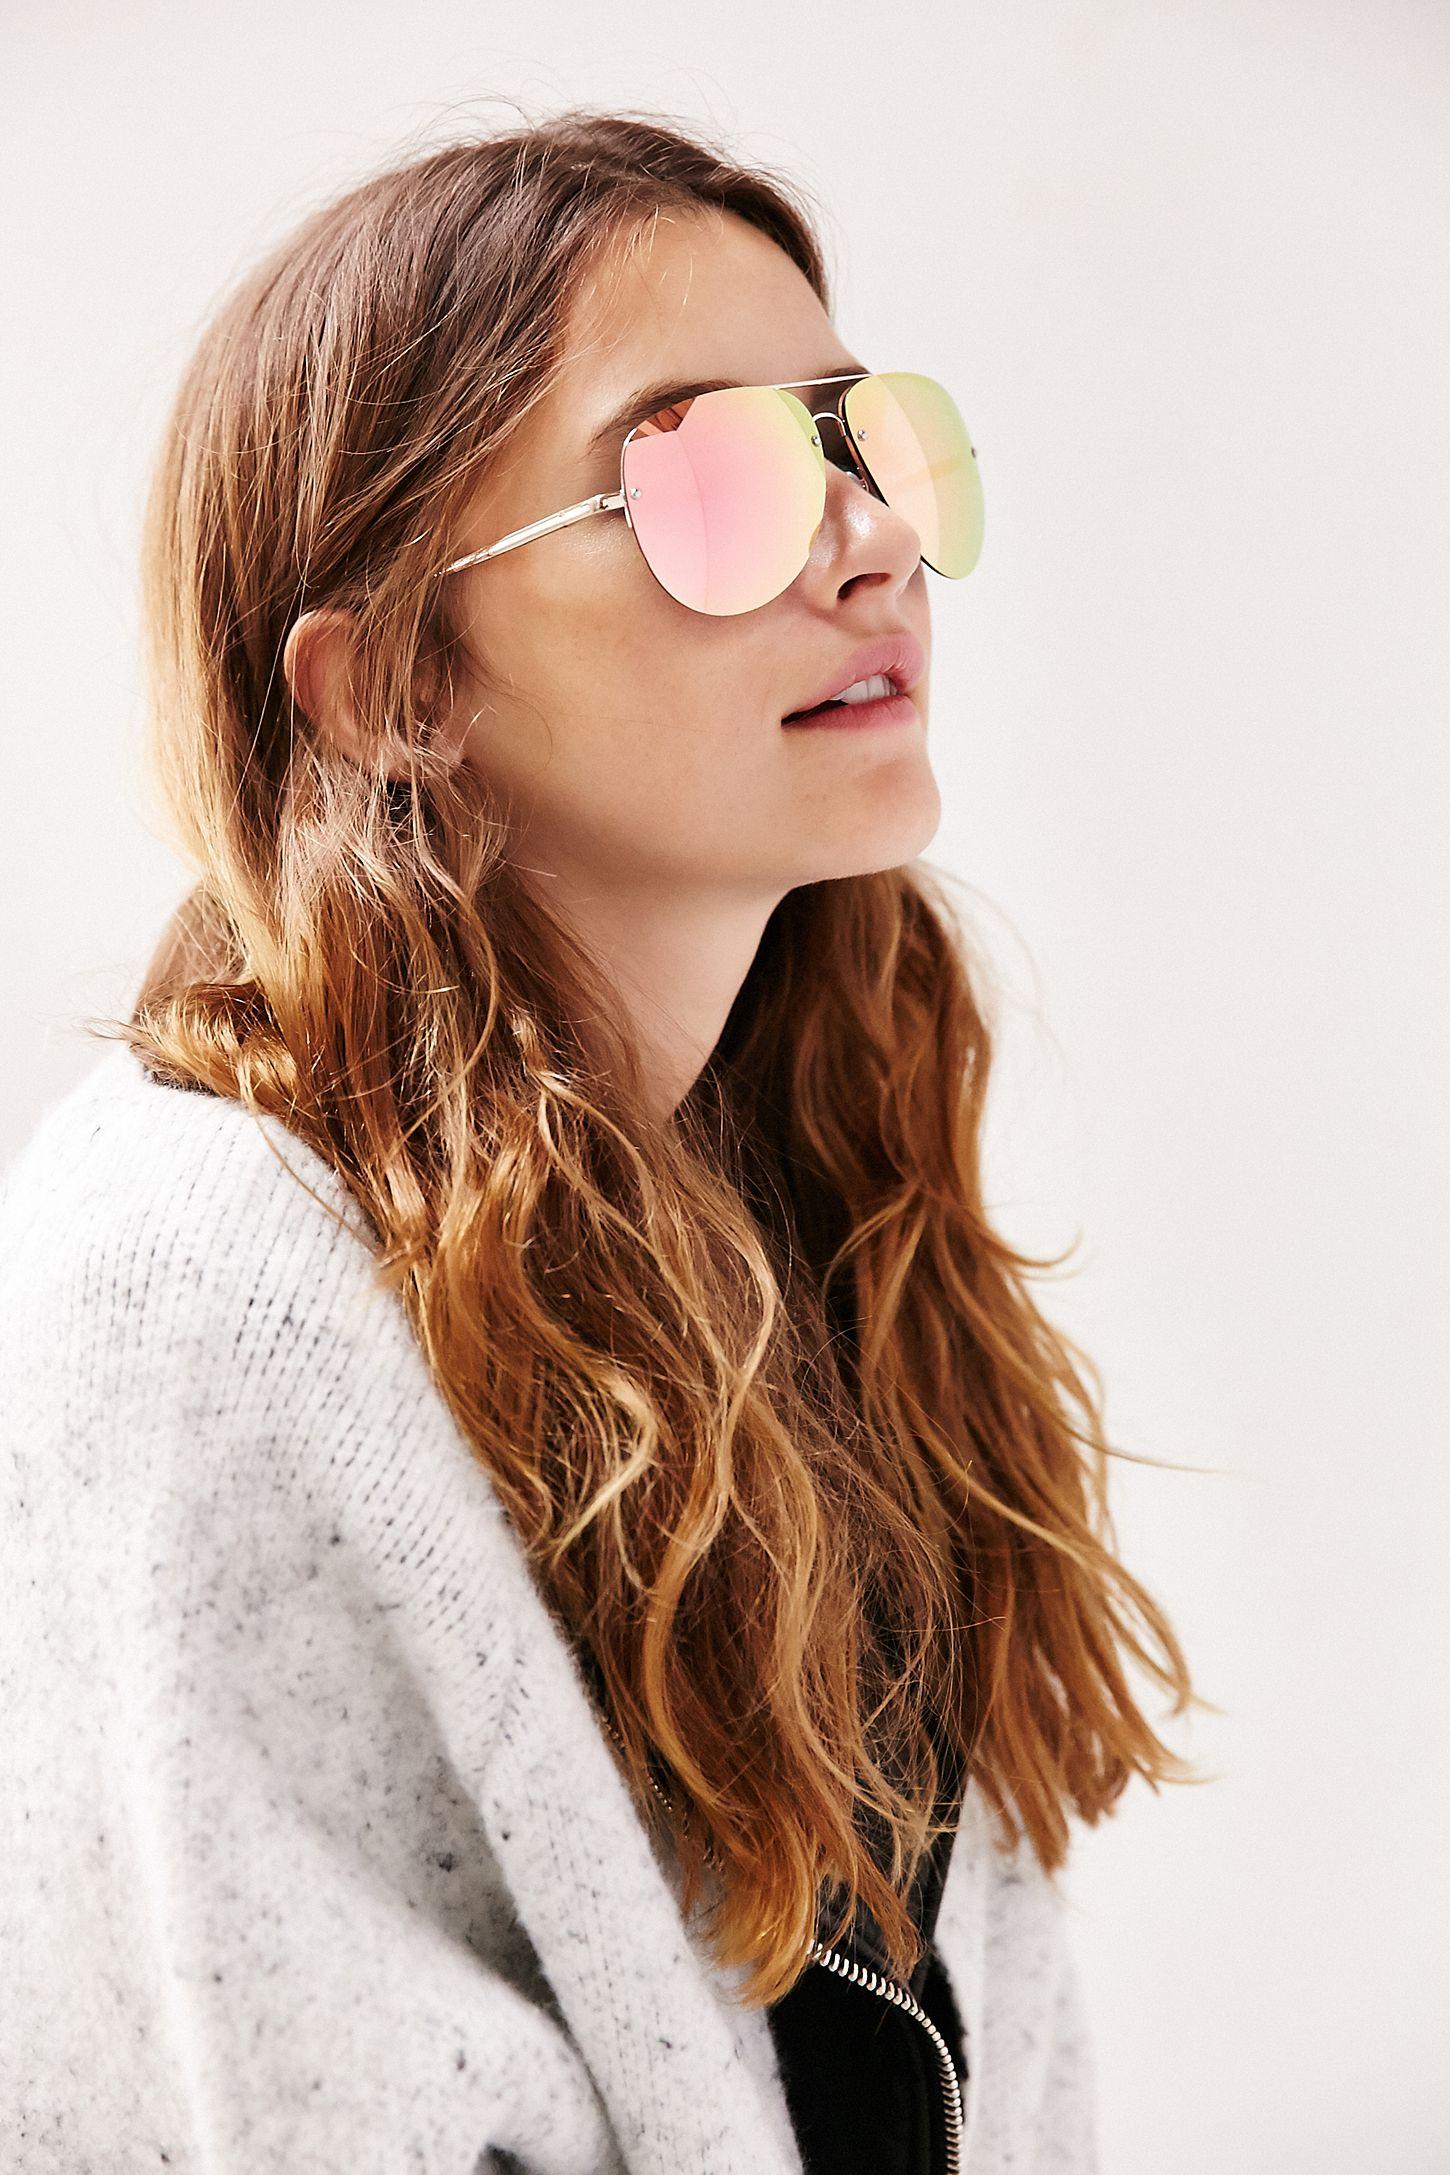 dca3ab34a2 Quay Muse Sunglasses